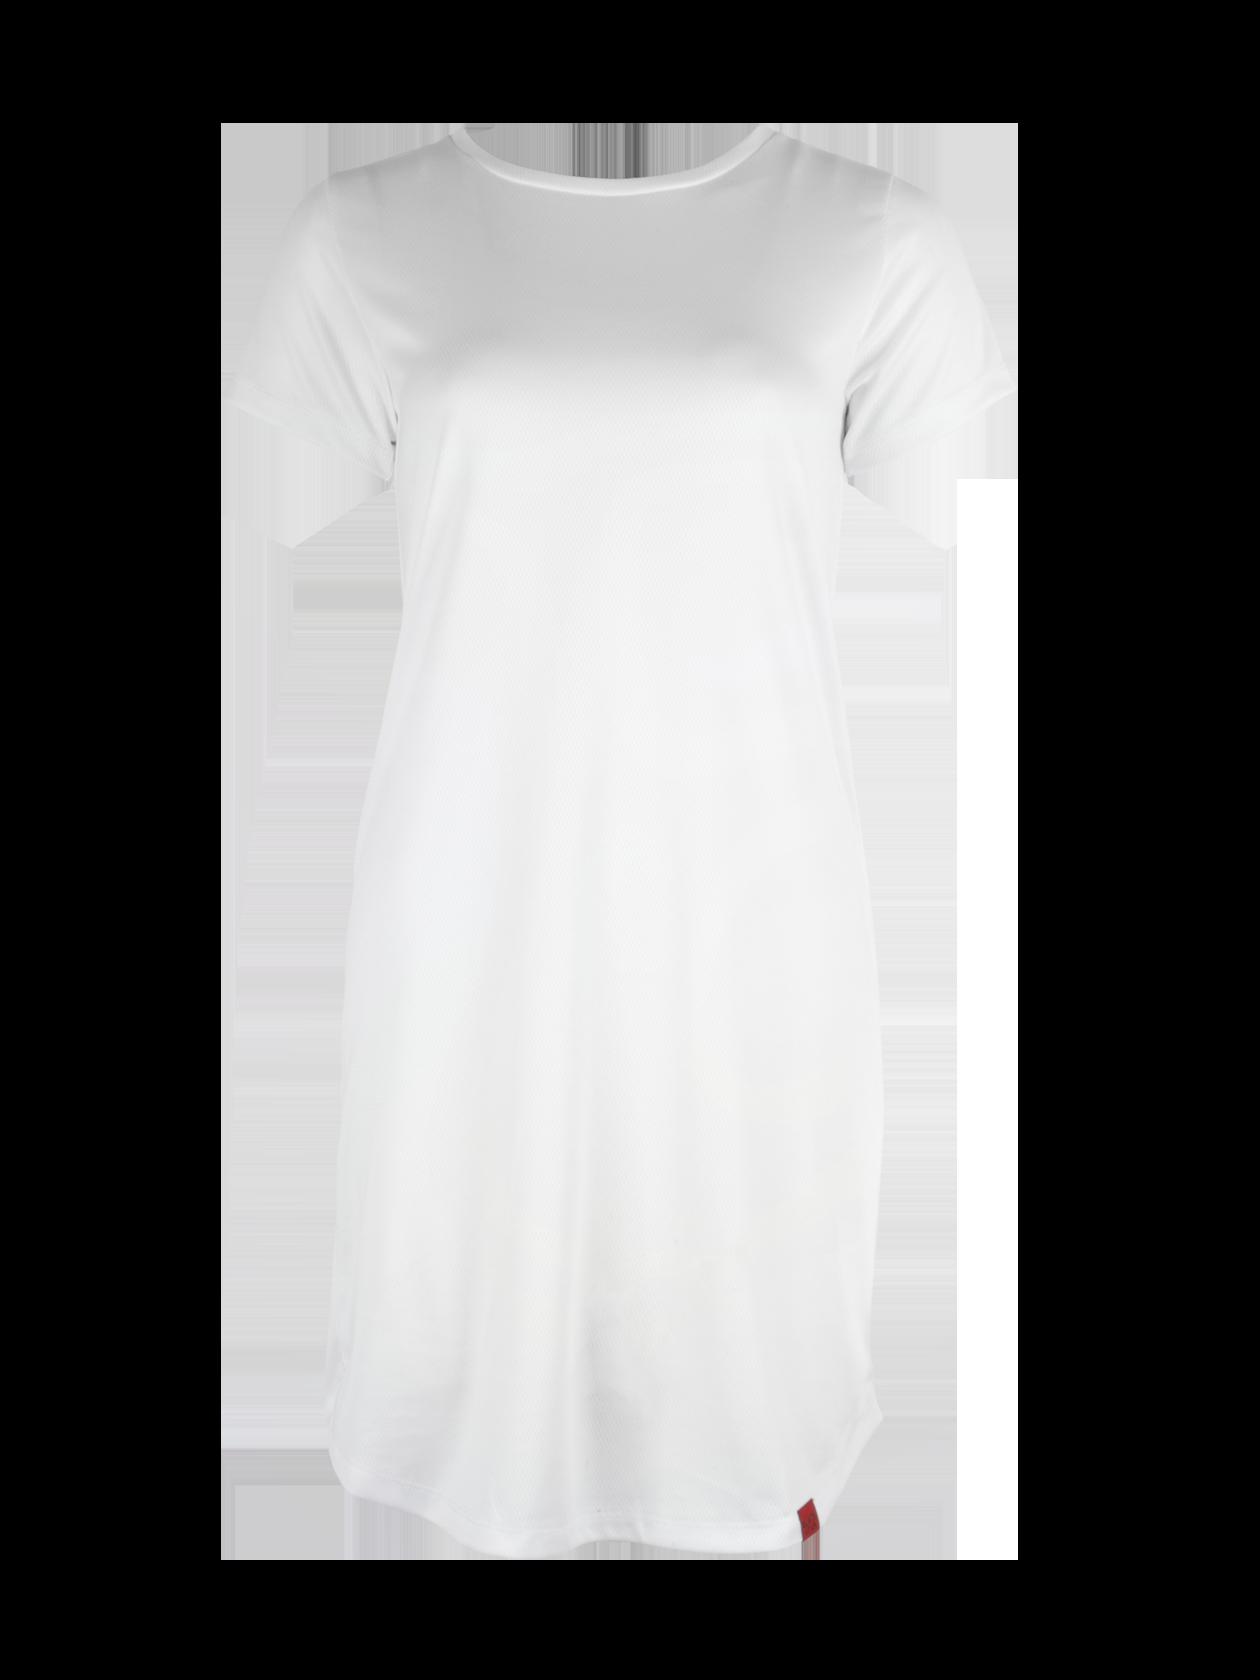 Платье женское MERMAIDПлатье женское Mermaid – оригинальная вещь от популярного бренда Black Star. Модель прямого свободного кроя с округленной формой низа и небольшим рукавом. Неглубокая горловина содержит эмблему с логотипом BSW на внутренней стороне. Изделие выполнено полностью из перфорированного материала высокого качества, представлено в черной расцветке. Внутри имеется подкладка, открывающая рукава и нижнюю часть платья. Идеально подходит для создания стиля на каждый день, комбинируется с любой обувью.<br><br>Размер: M<br>Цвет: Белый<br>Пол: Женский